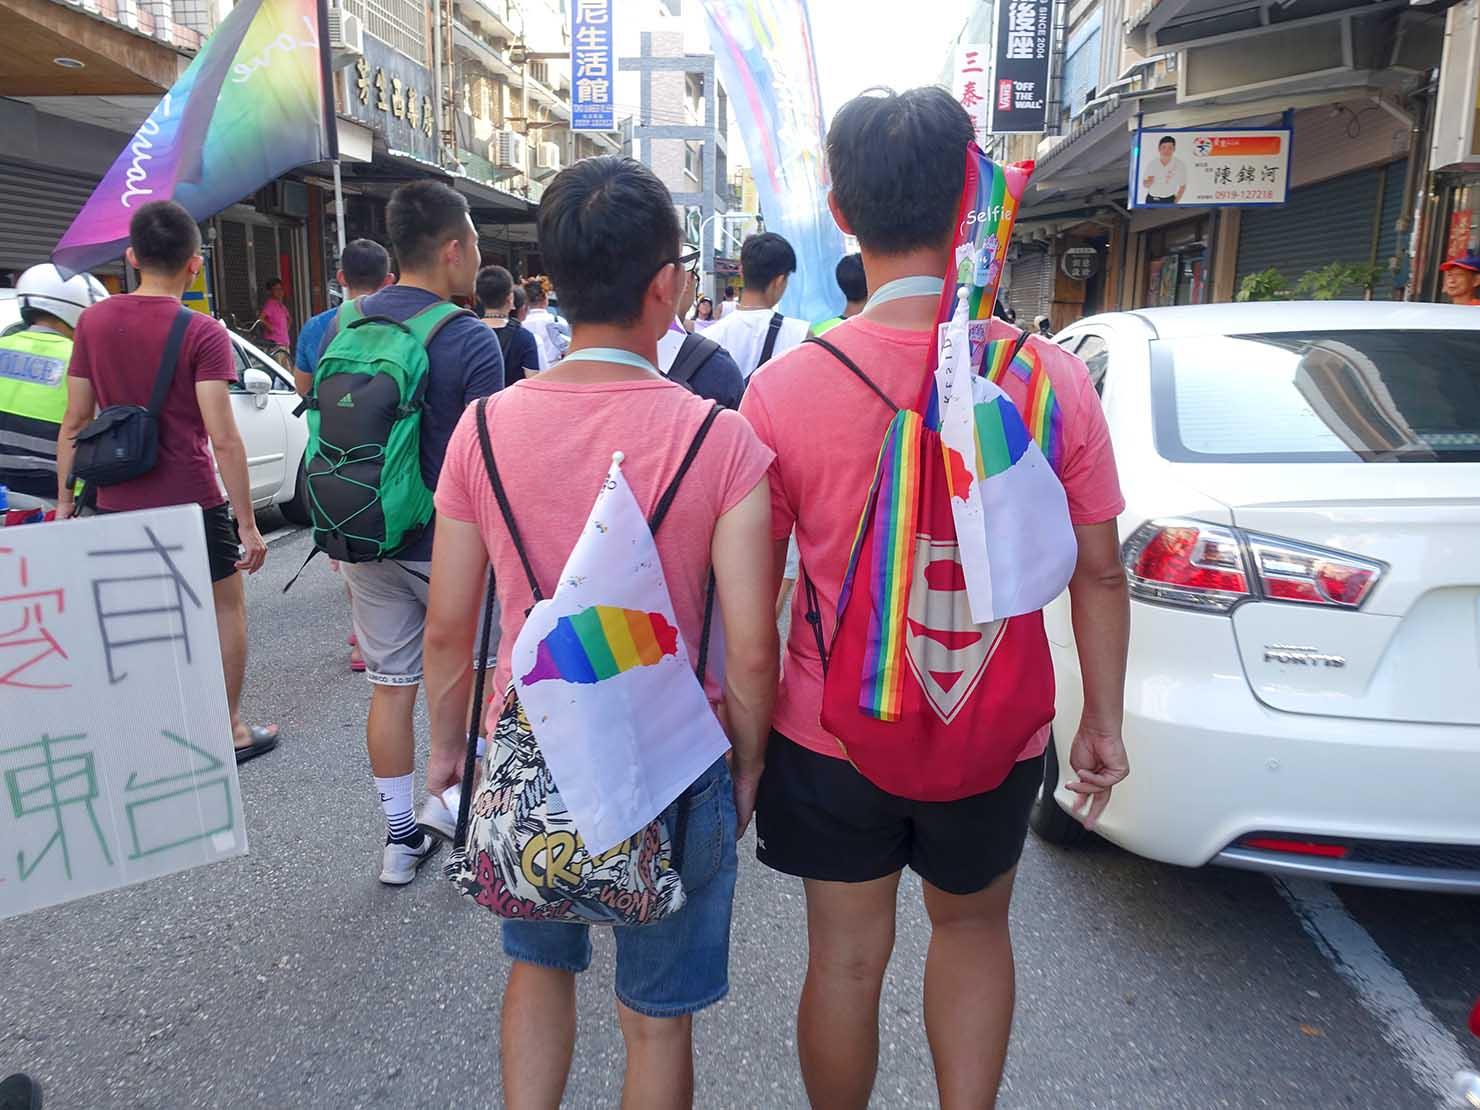 花東彩虹嘉年華(台湾東部LGBTプライド / 台東場)パレードでレインボーアイテムを身につけて歩く同性カップル